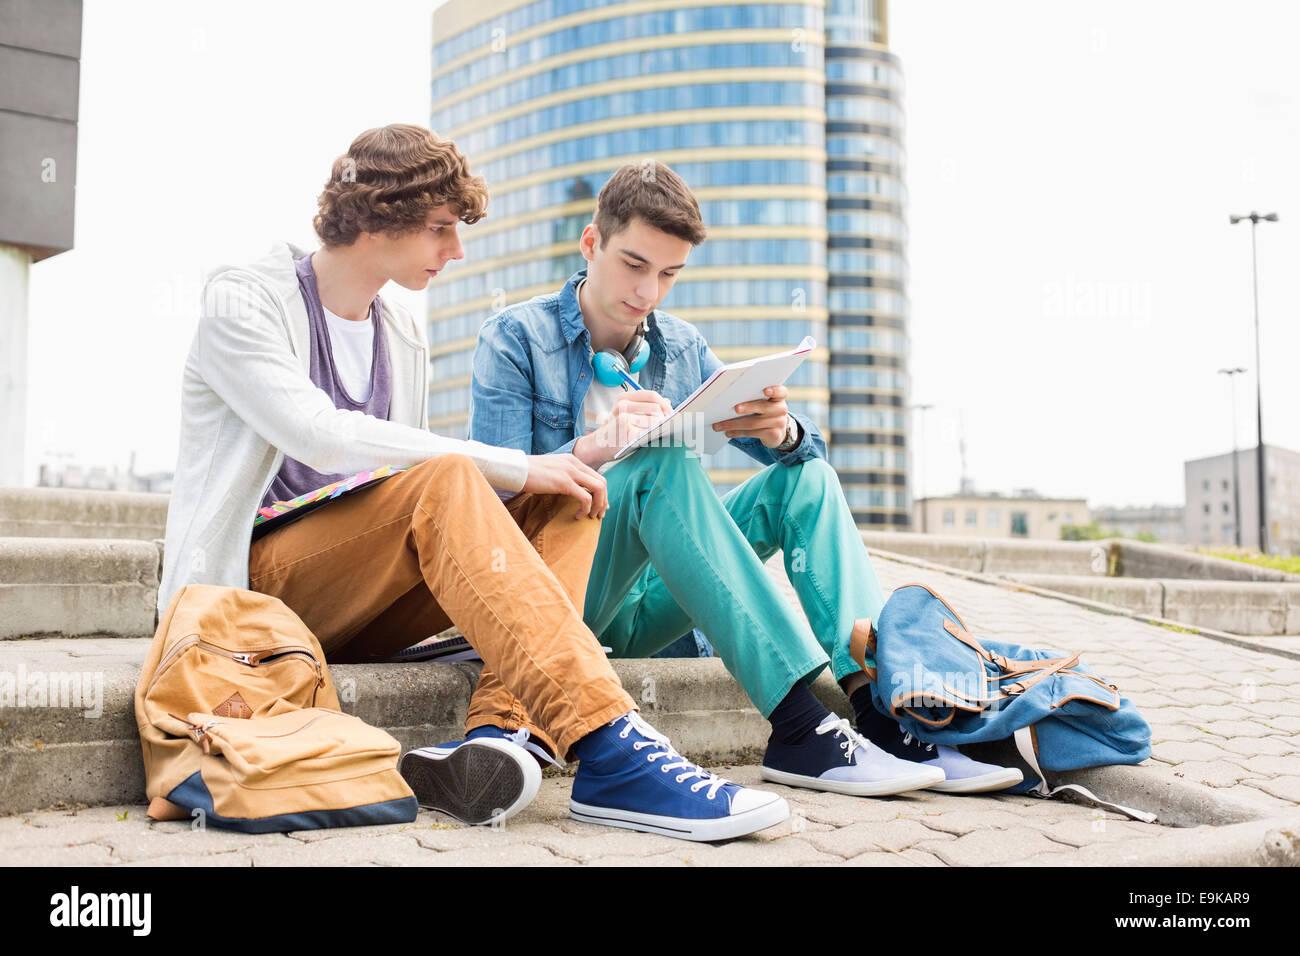 Gesamte Länge der junge männliche College-Studenten studieren auf Schritte gegen Gebäude Stockbild